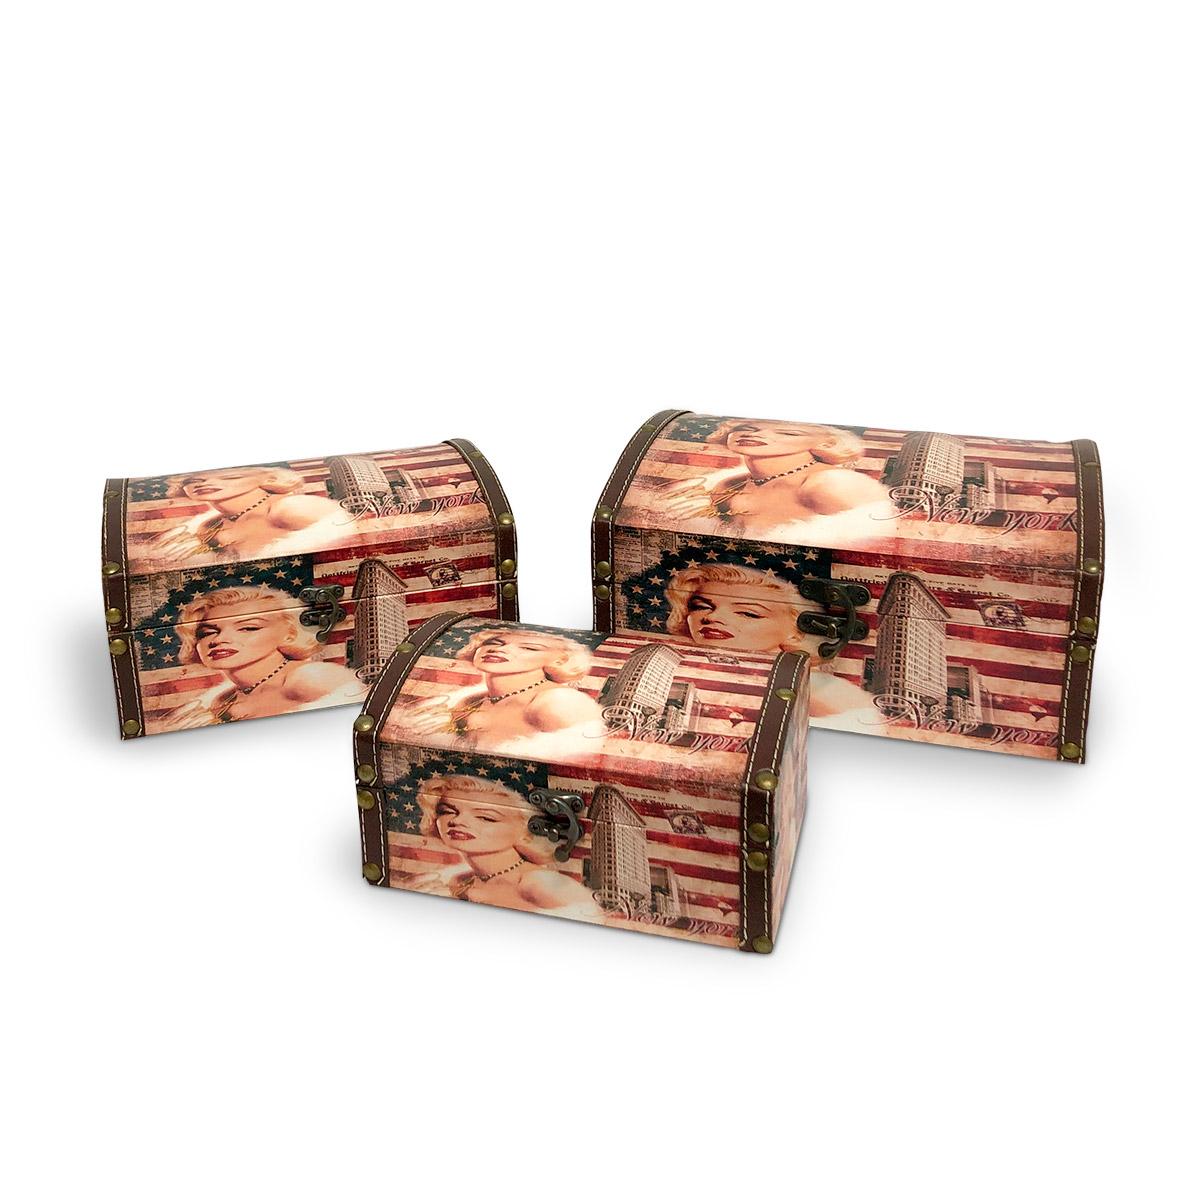 Caixa Organizadora Marilyn Monroe Trio de Caixas